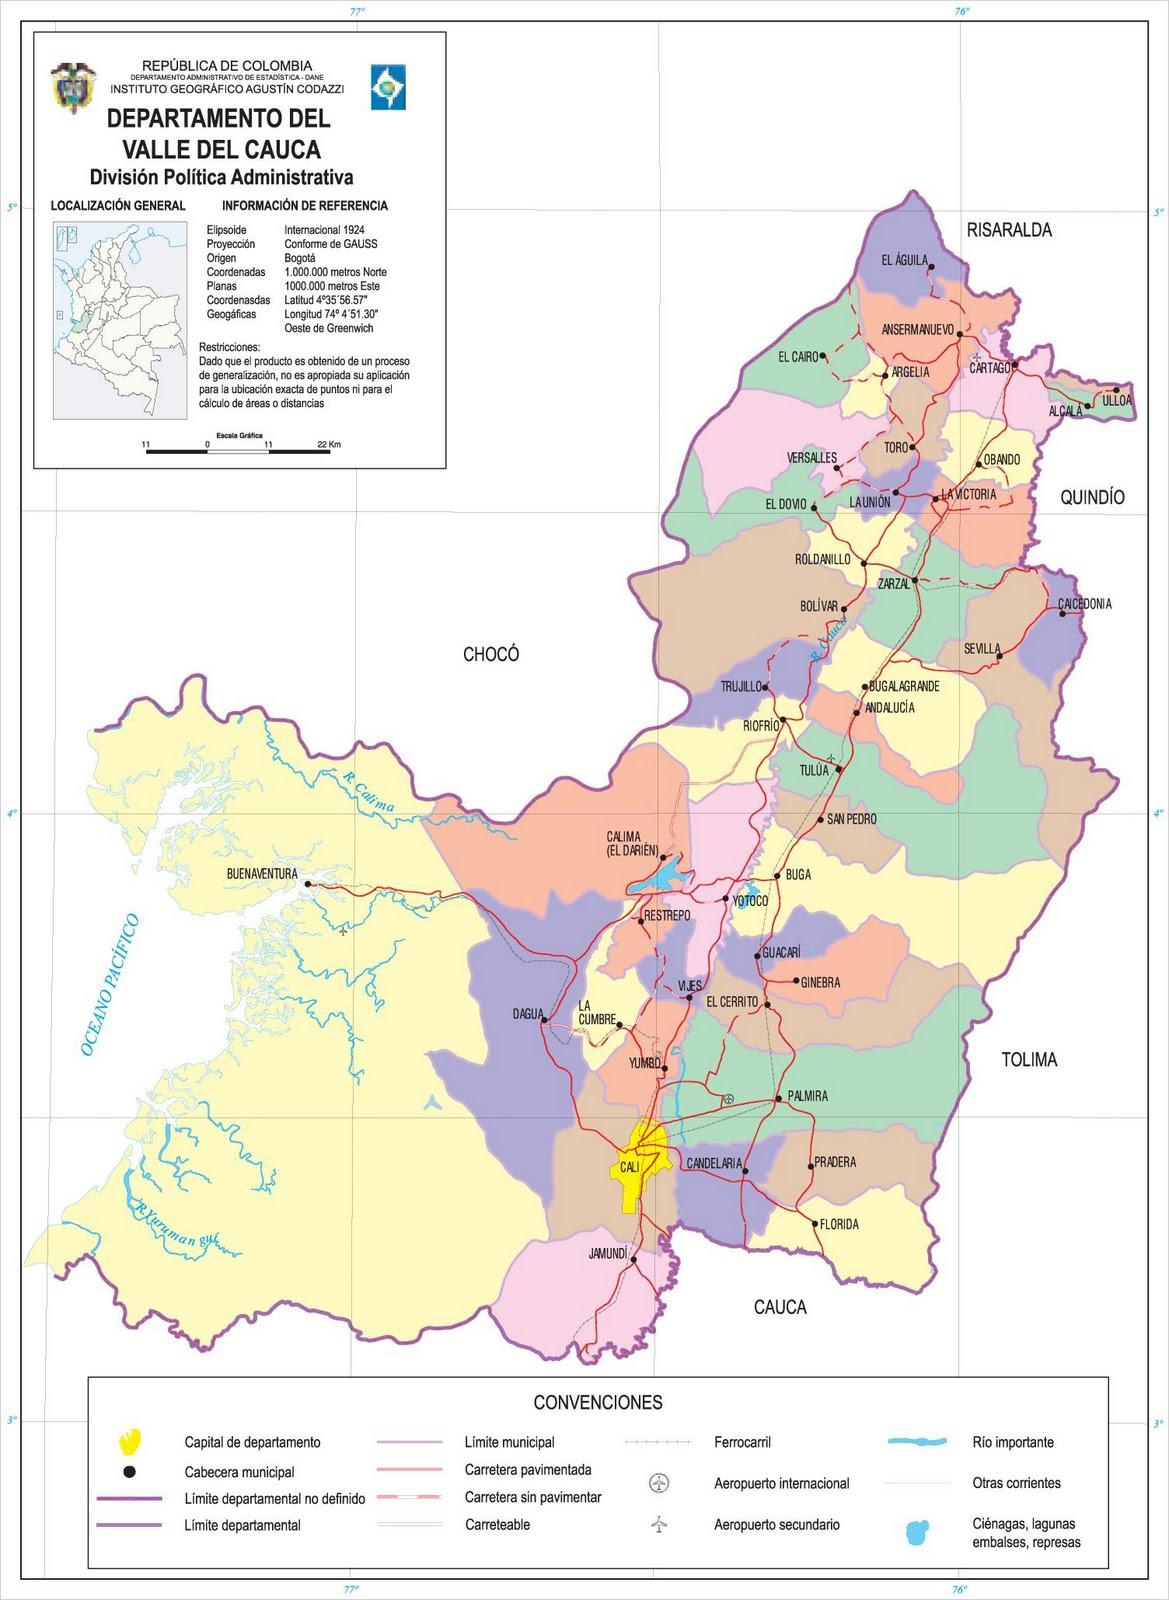 Valle del Cauca: departamento de Colombia